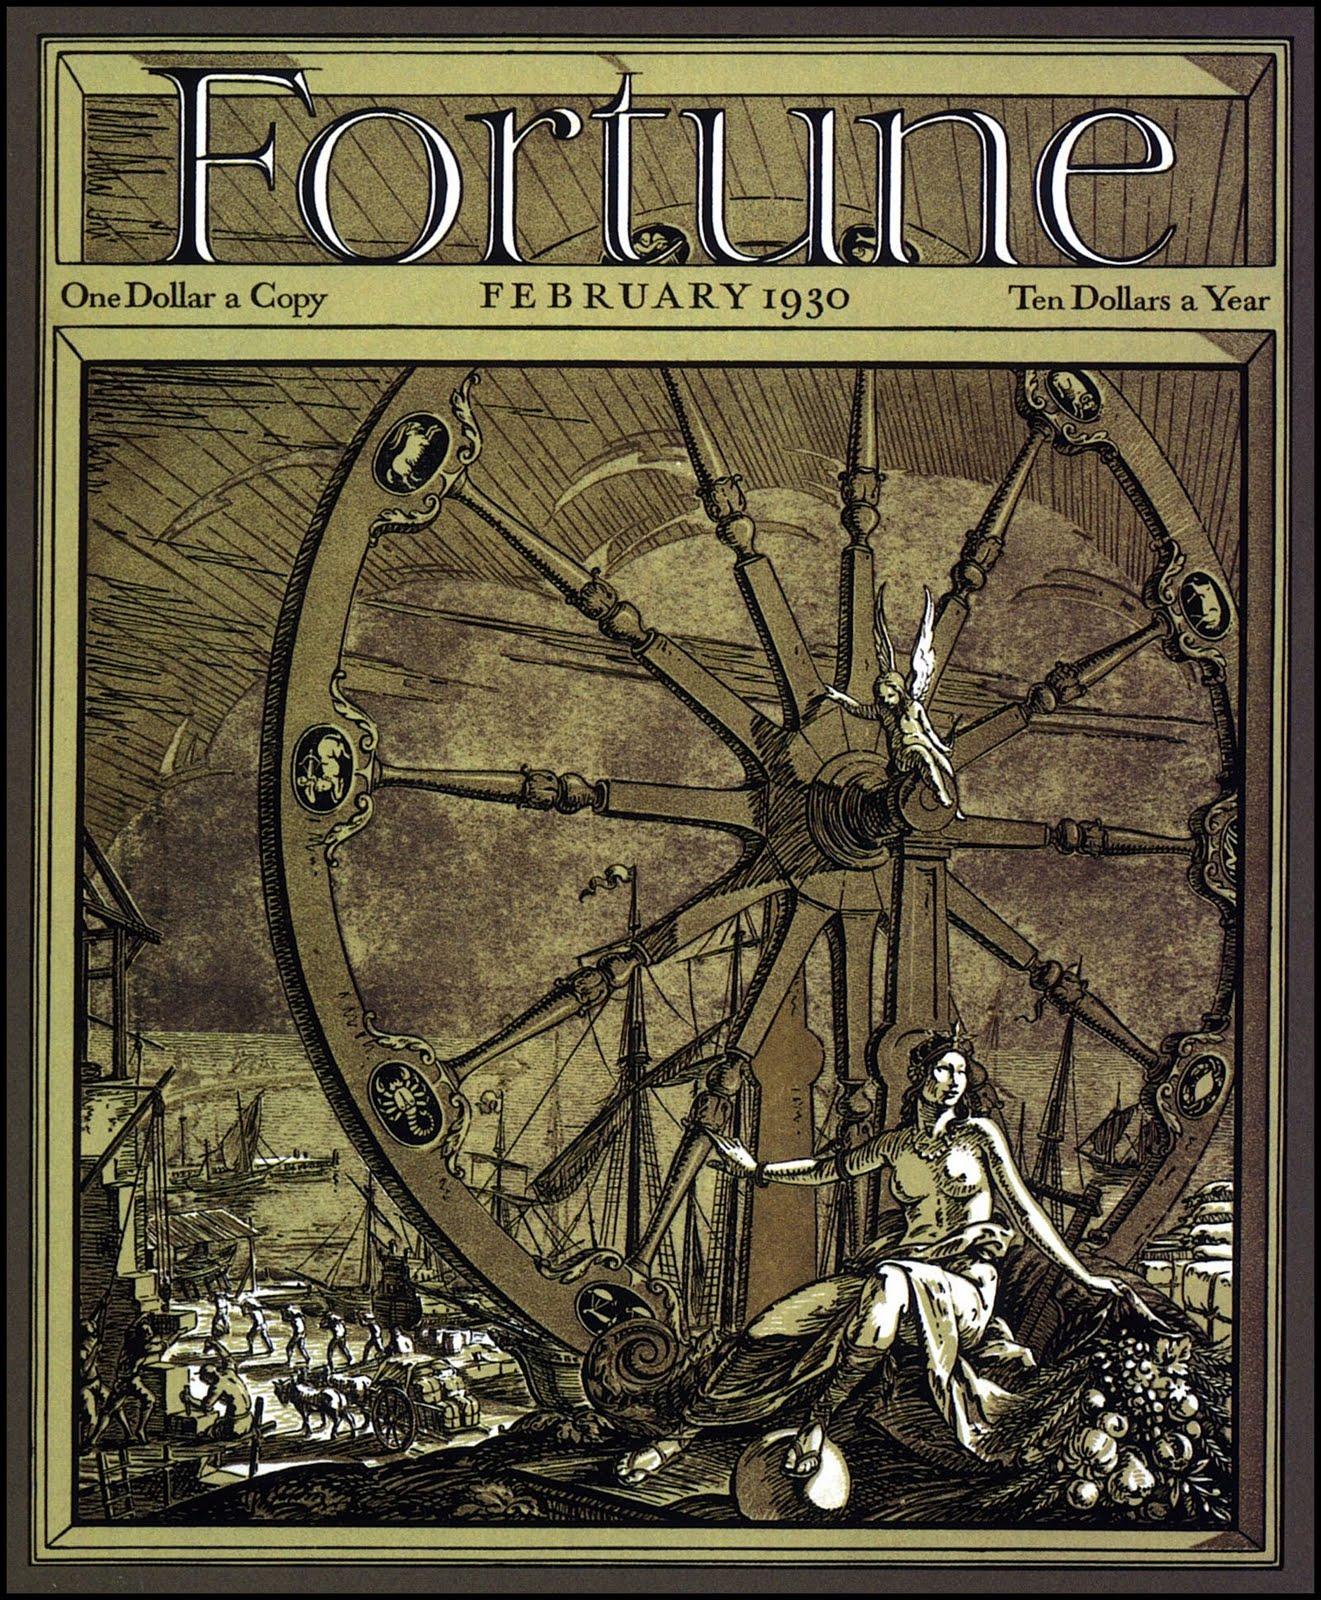 Cleland Fortune Magazine February 1930